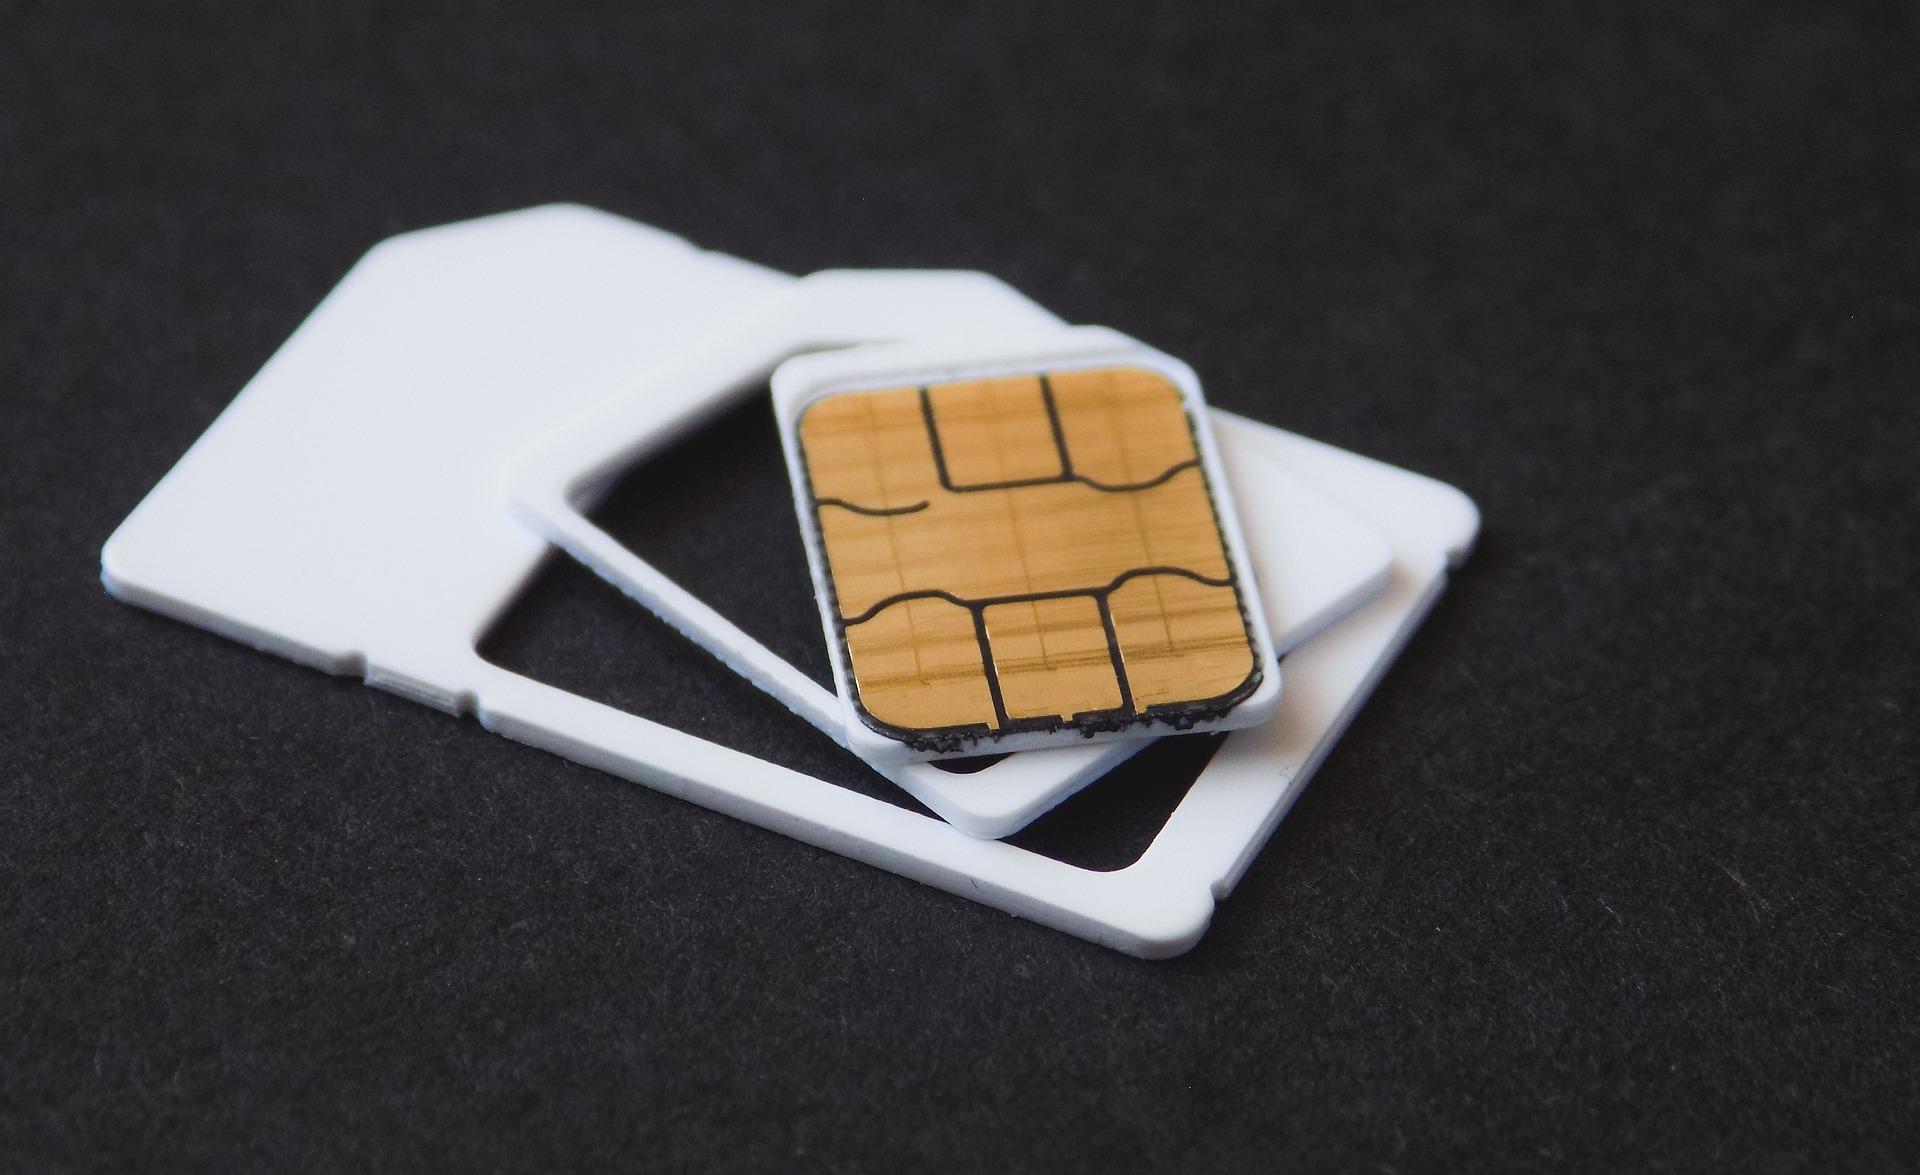 ¿Qué tipos de SIM hay y para qué sirve cada una?